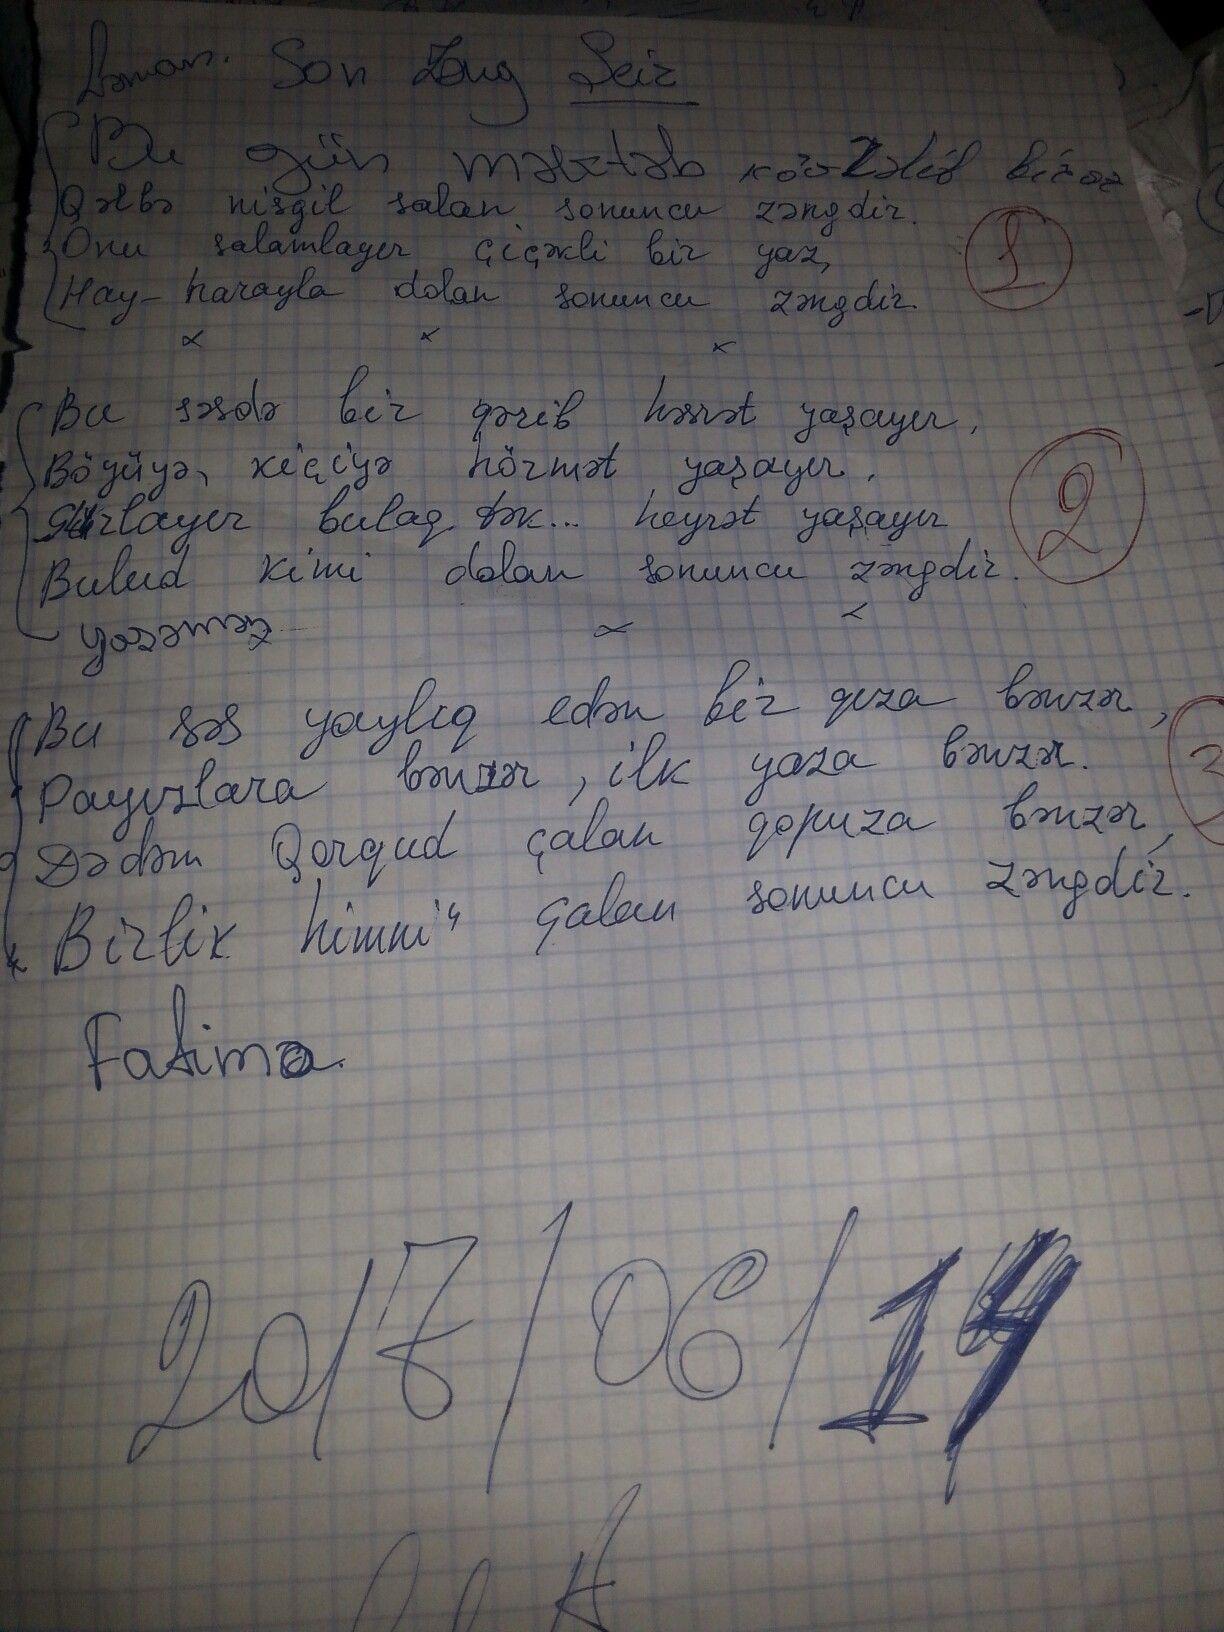 Son Zeng Seiri 11a Happy Holiday Bullet Journal Math Journal